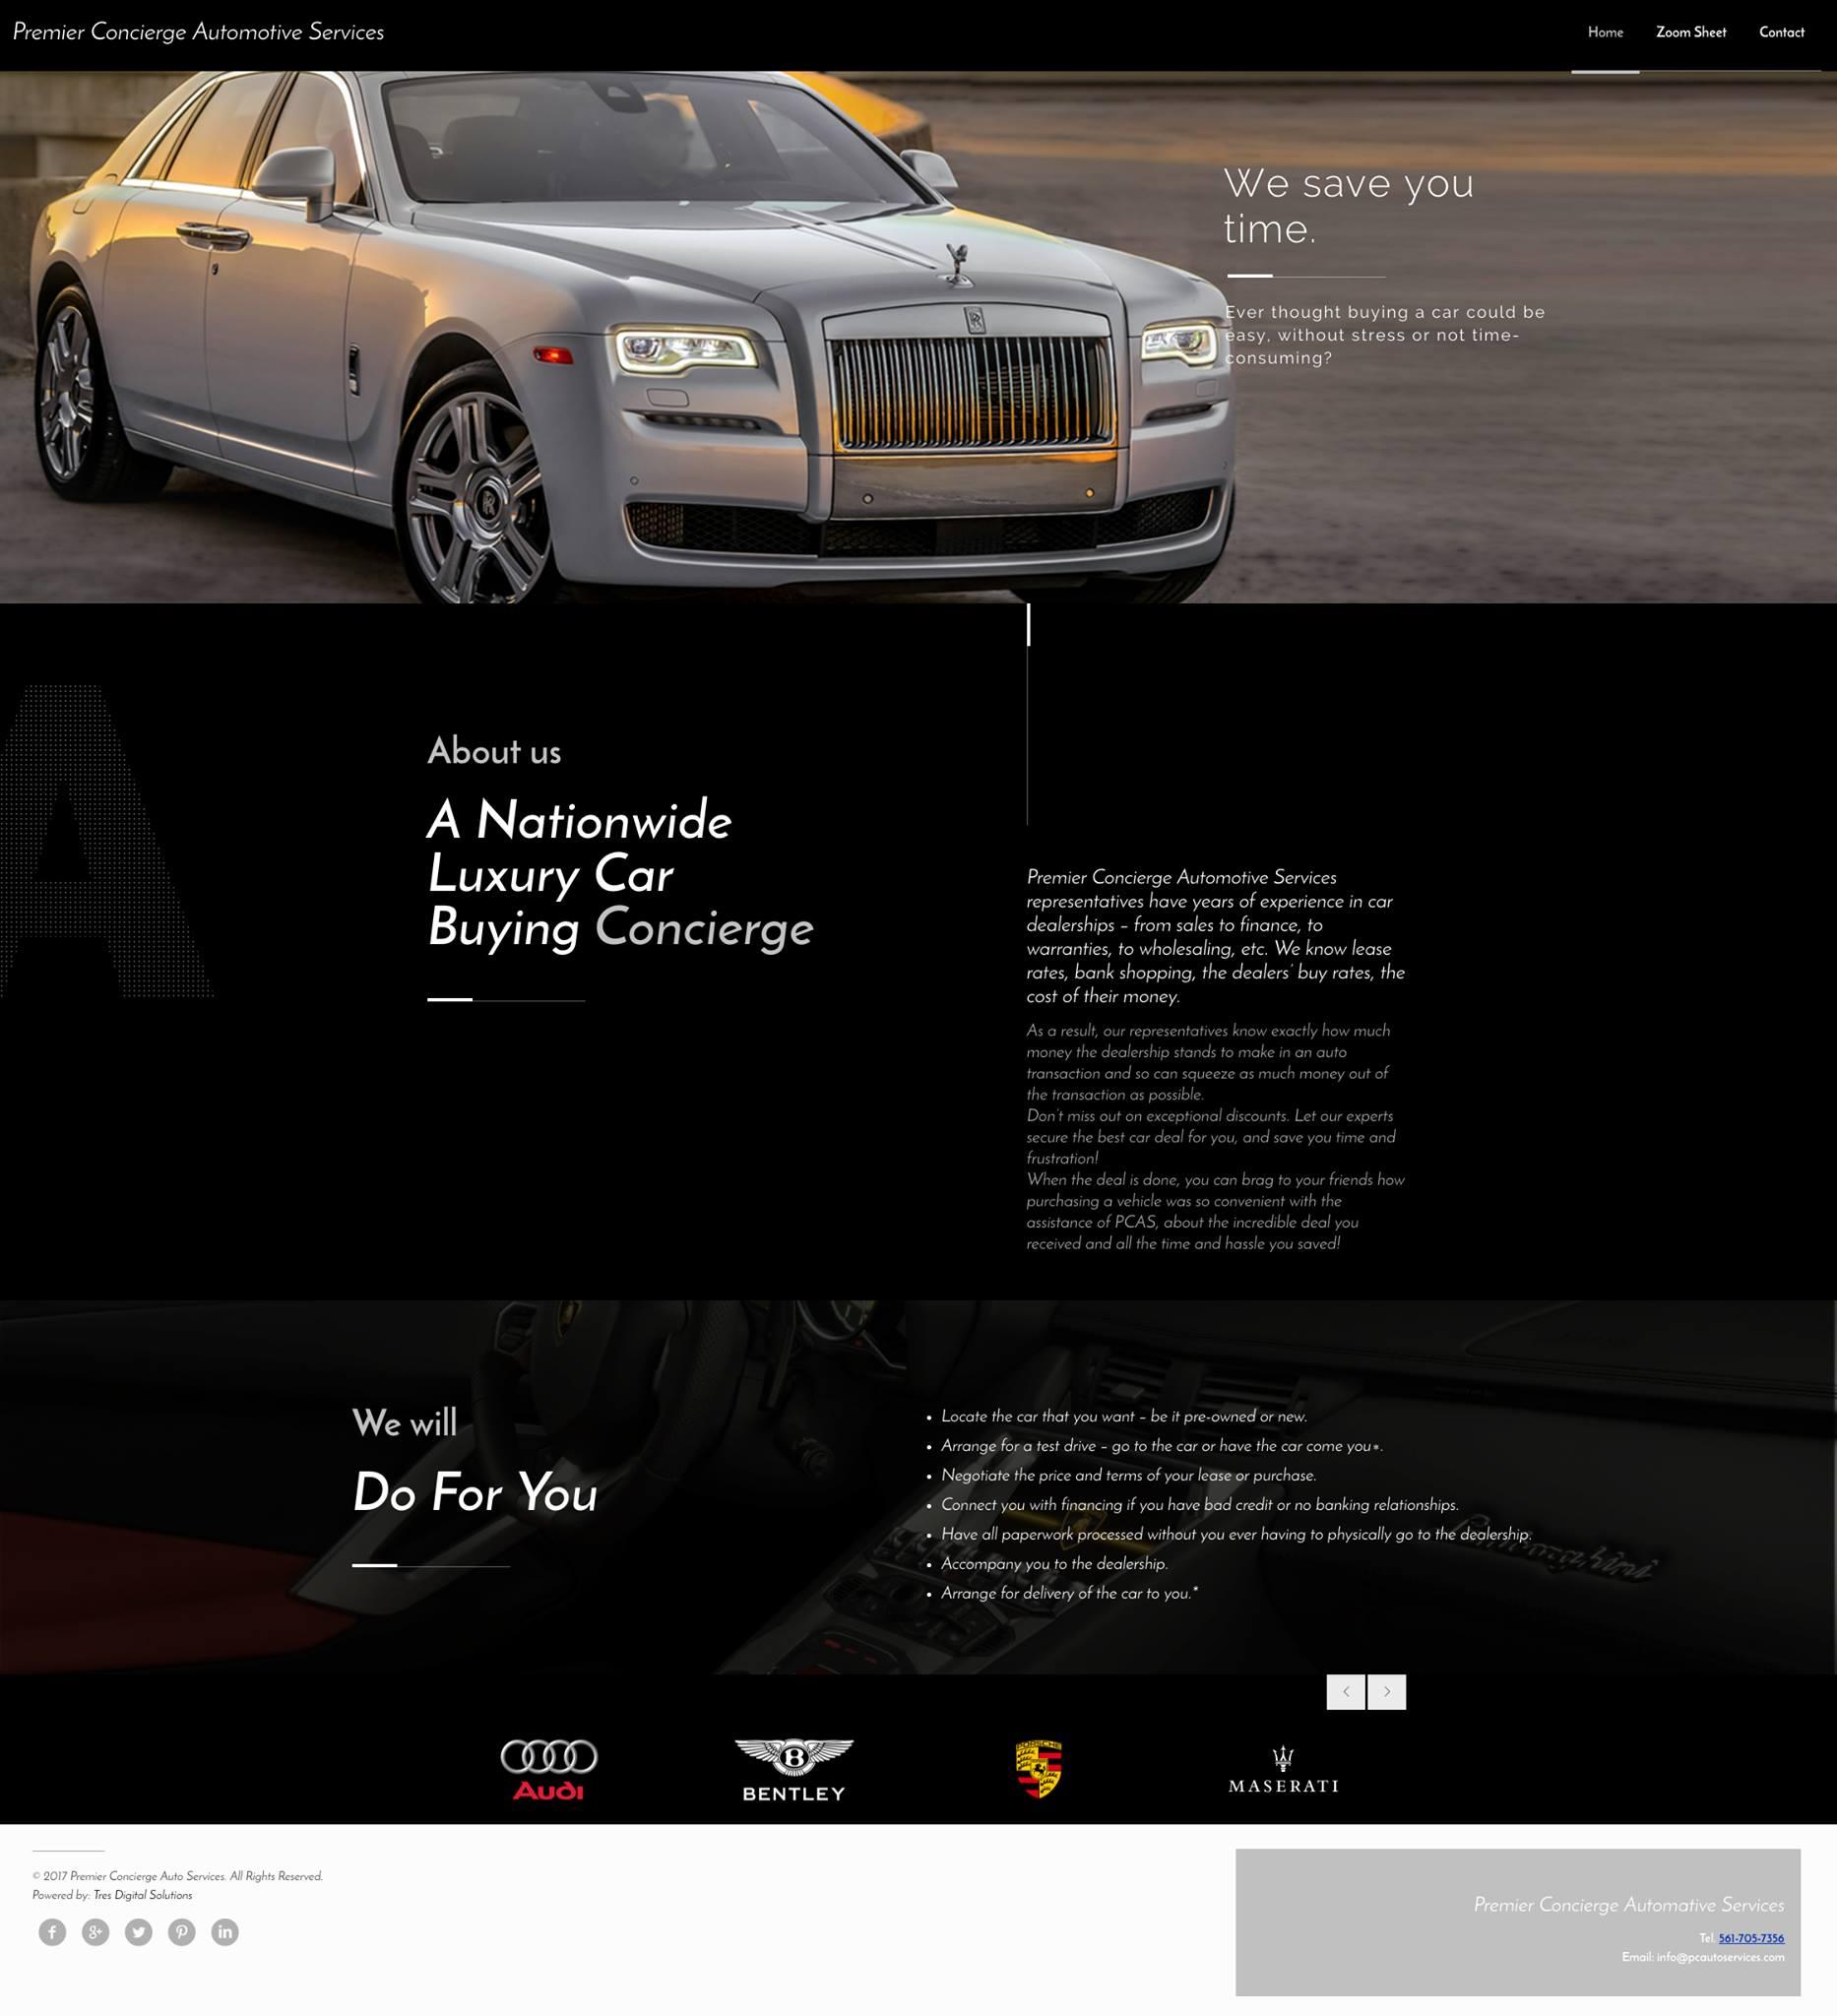 Premier Concierge Automotive Services